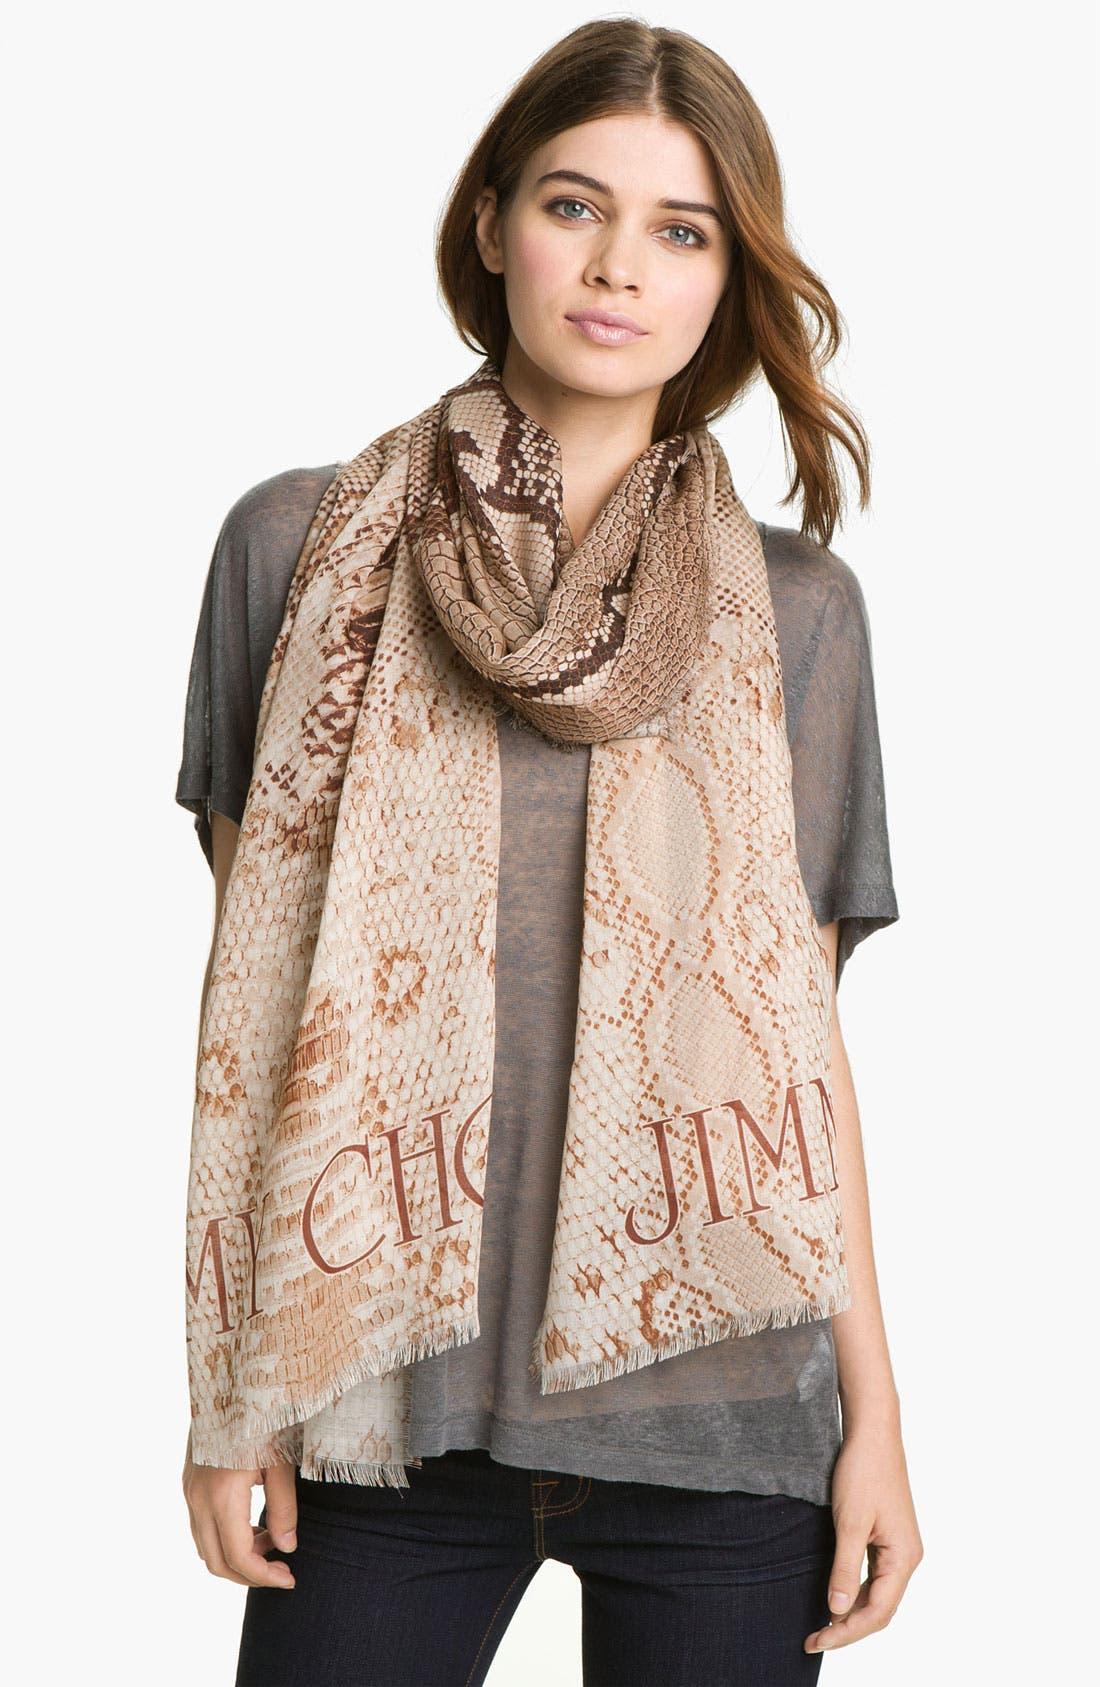 Alternate Image 1 Selected - Jimmy Choo Reptile Print Wool & Silk Scarf